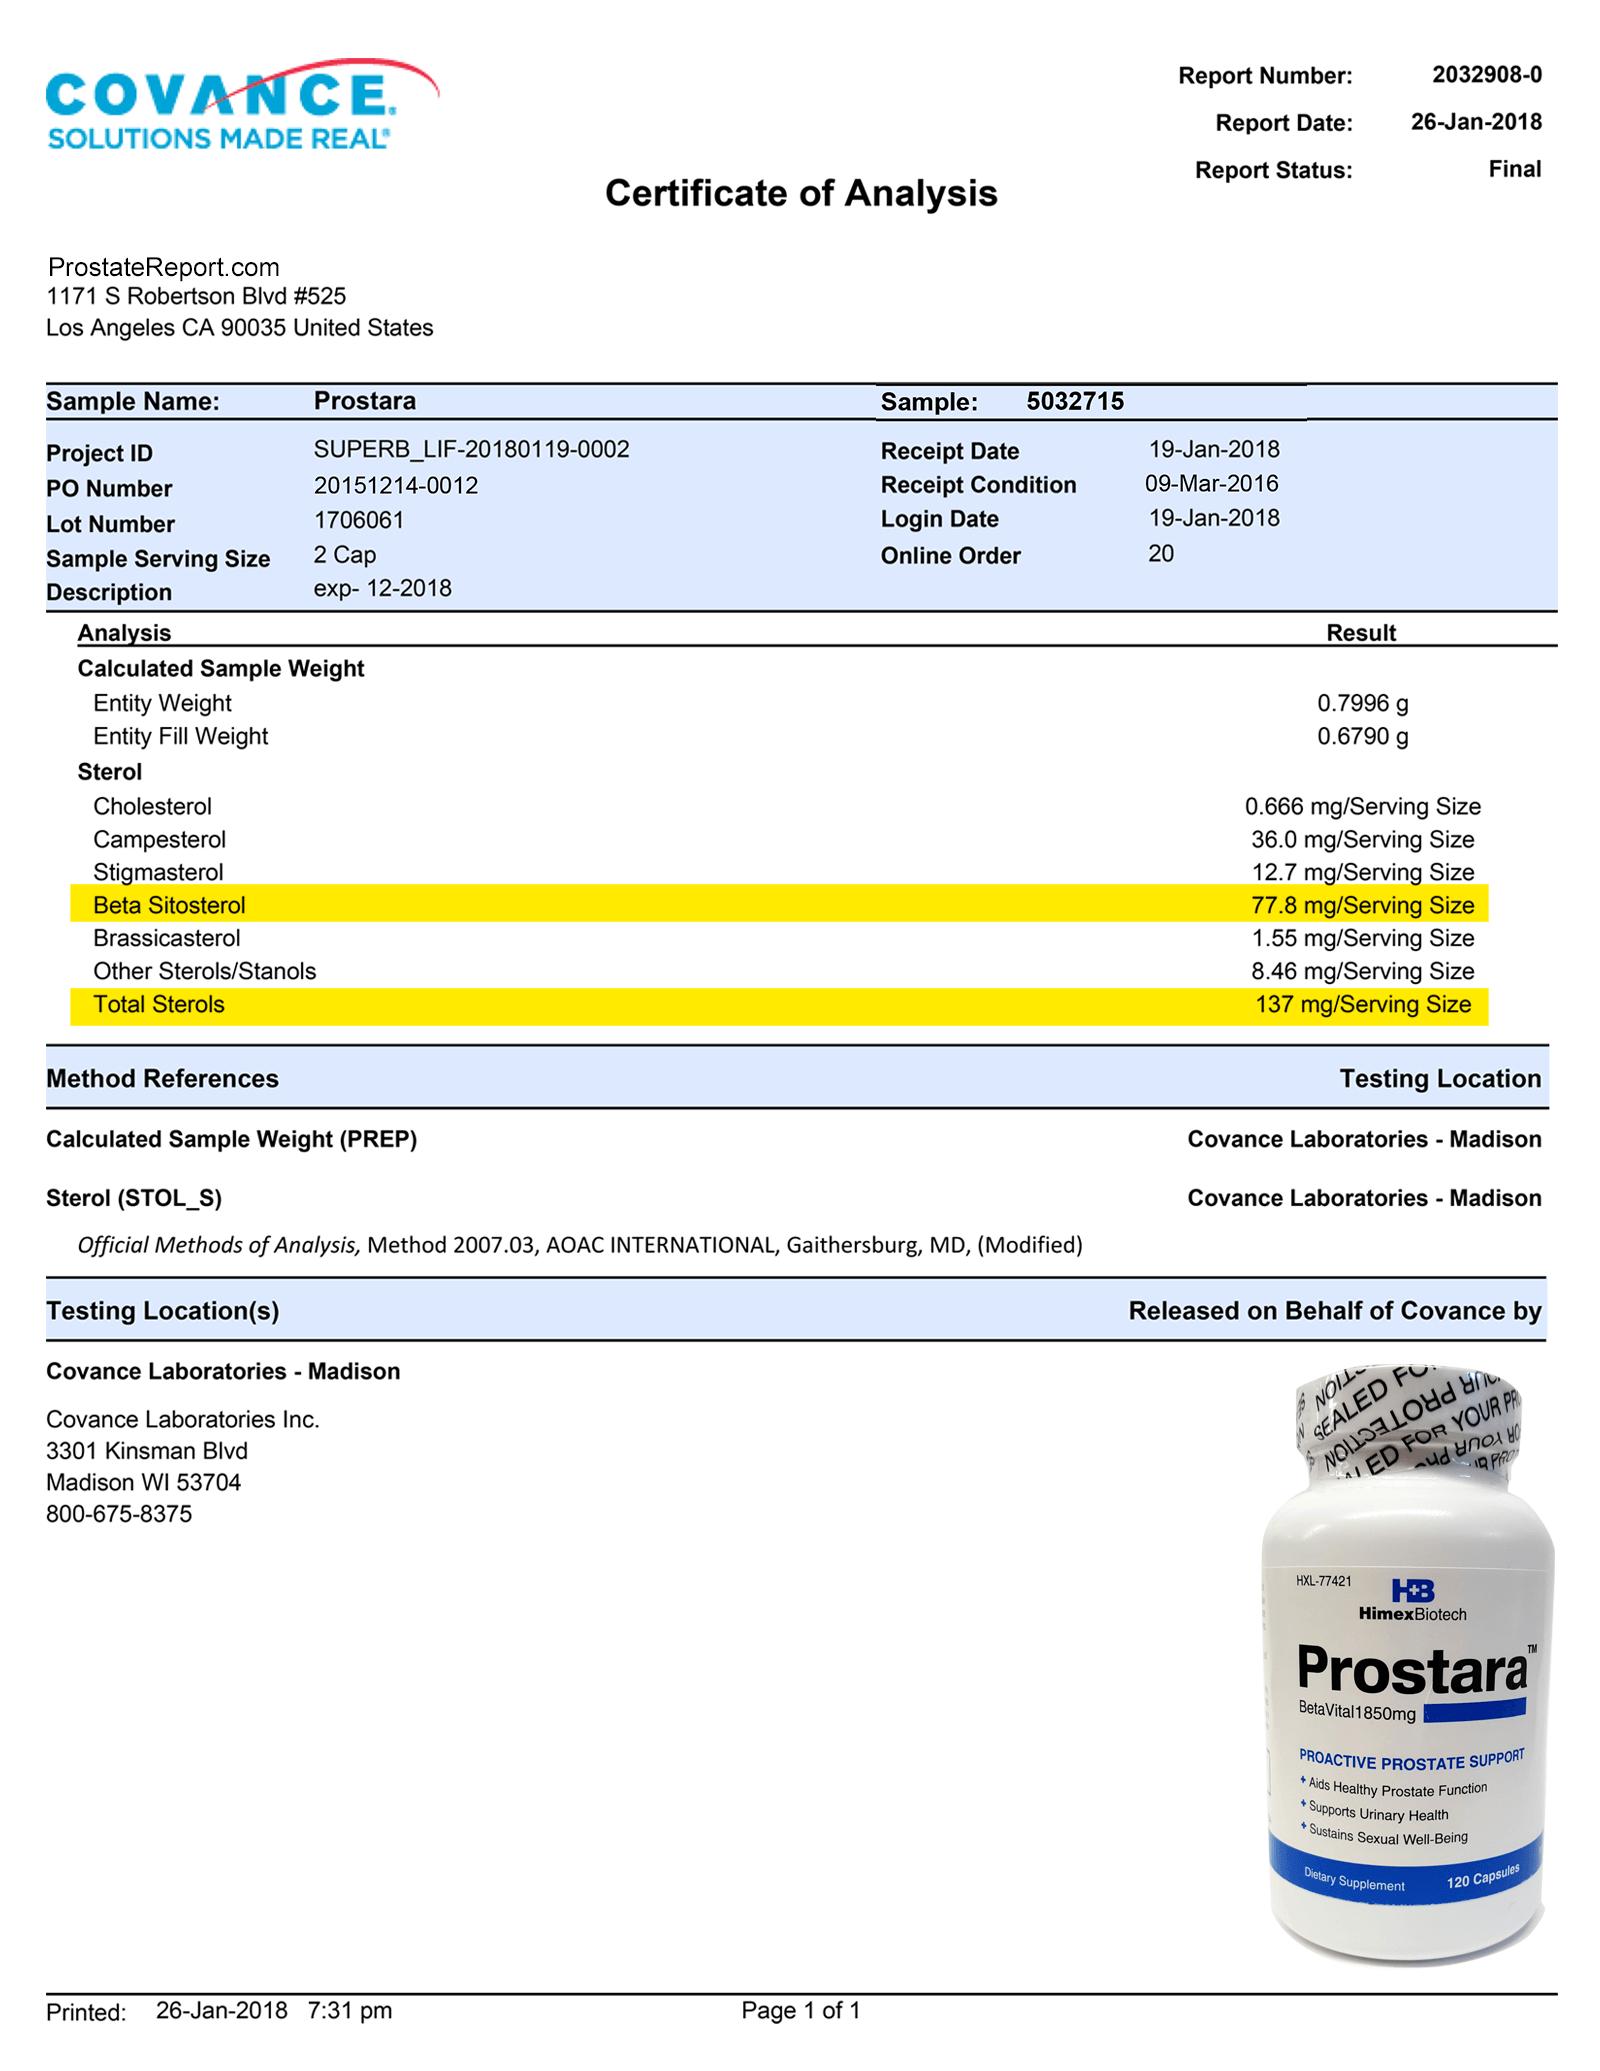 Prostara lab report